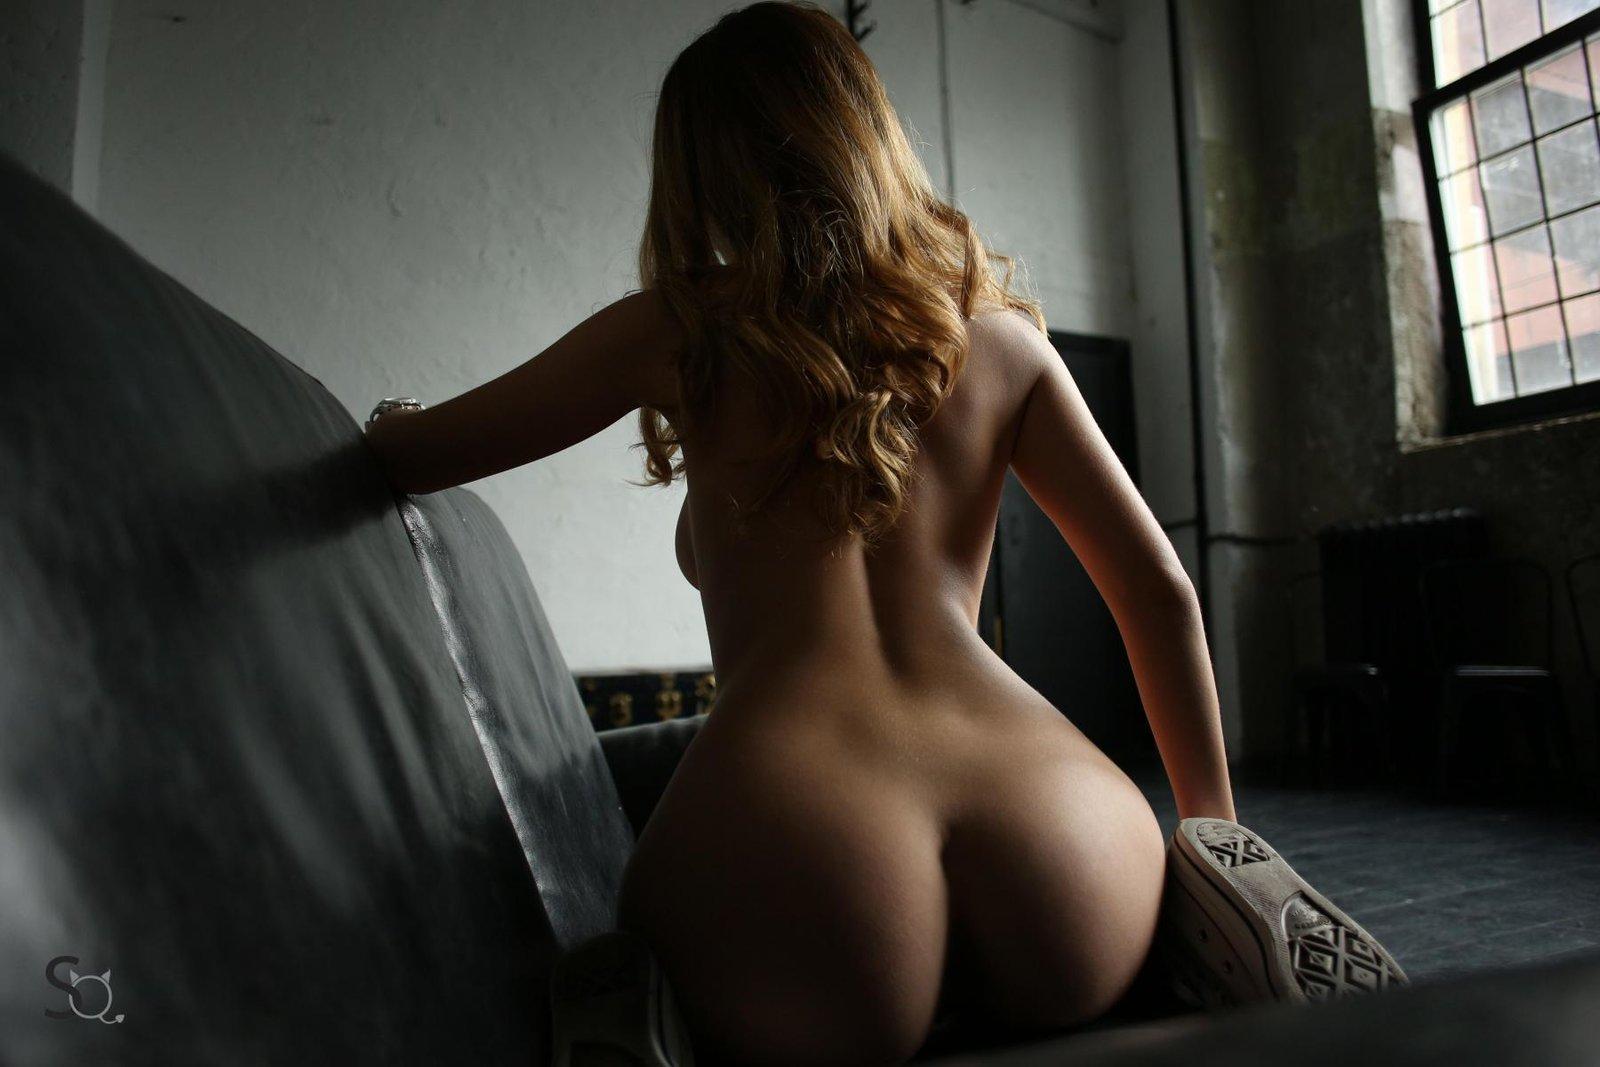 Zdjęcie porno - 0710 - Śliczny brzuszek